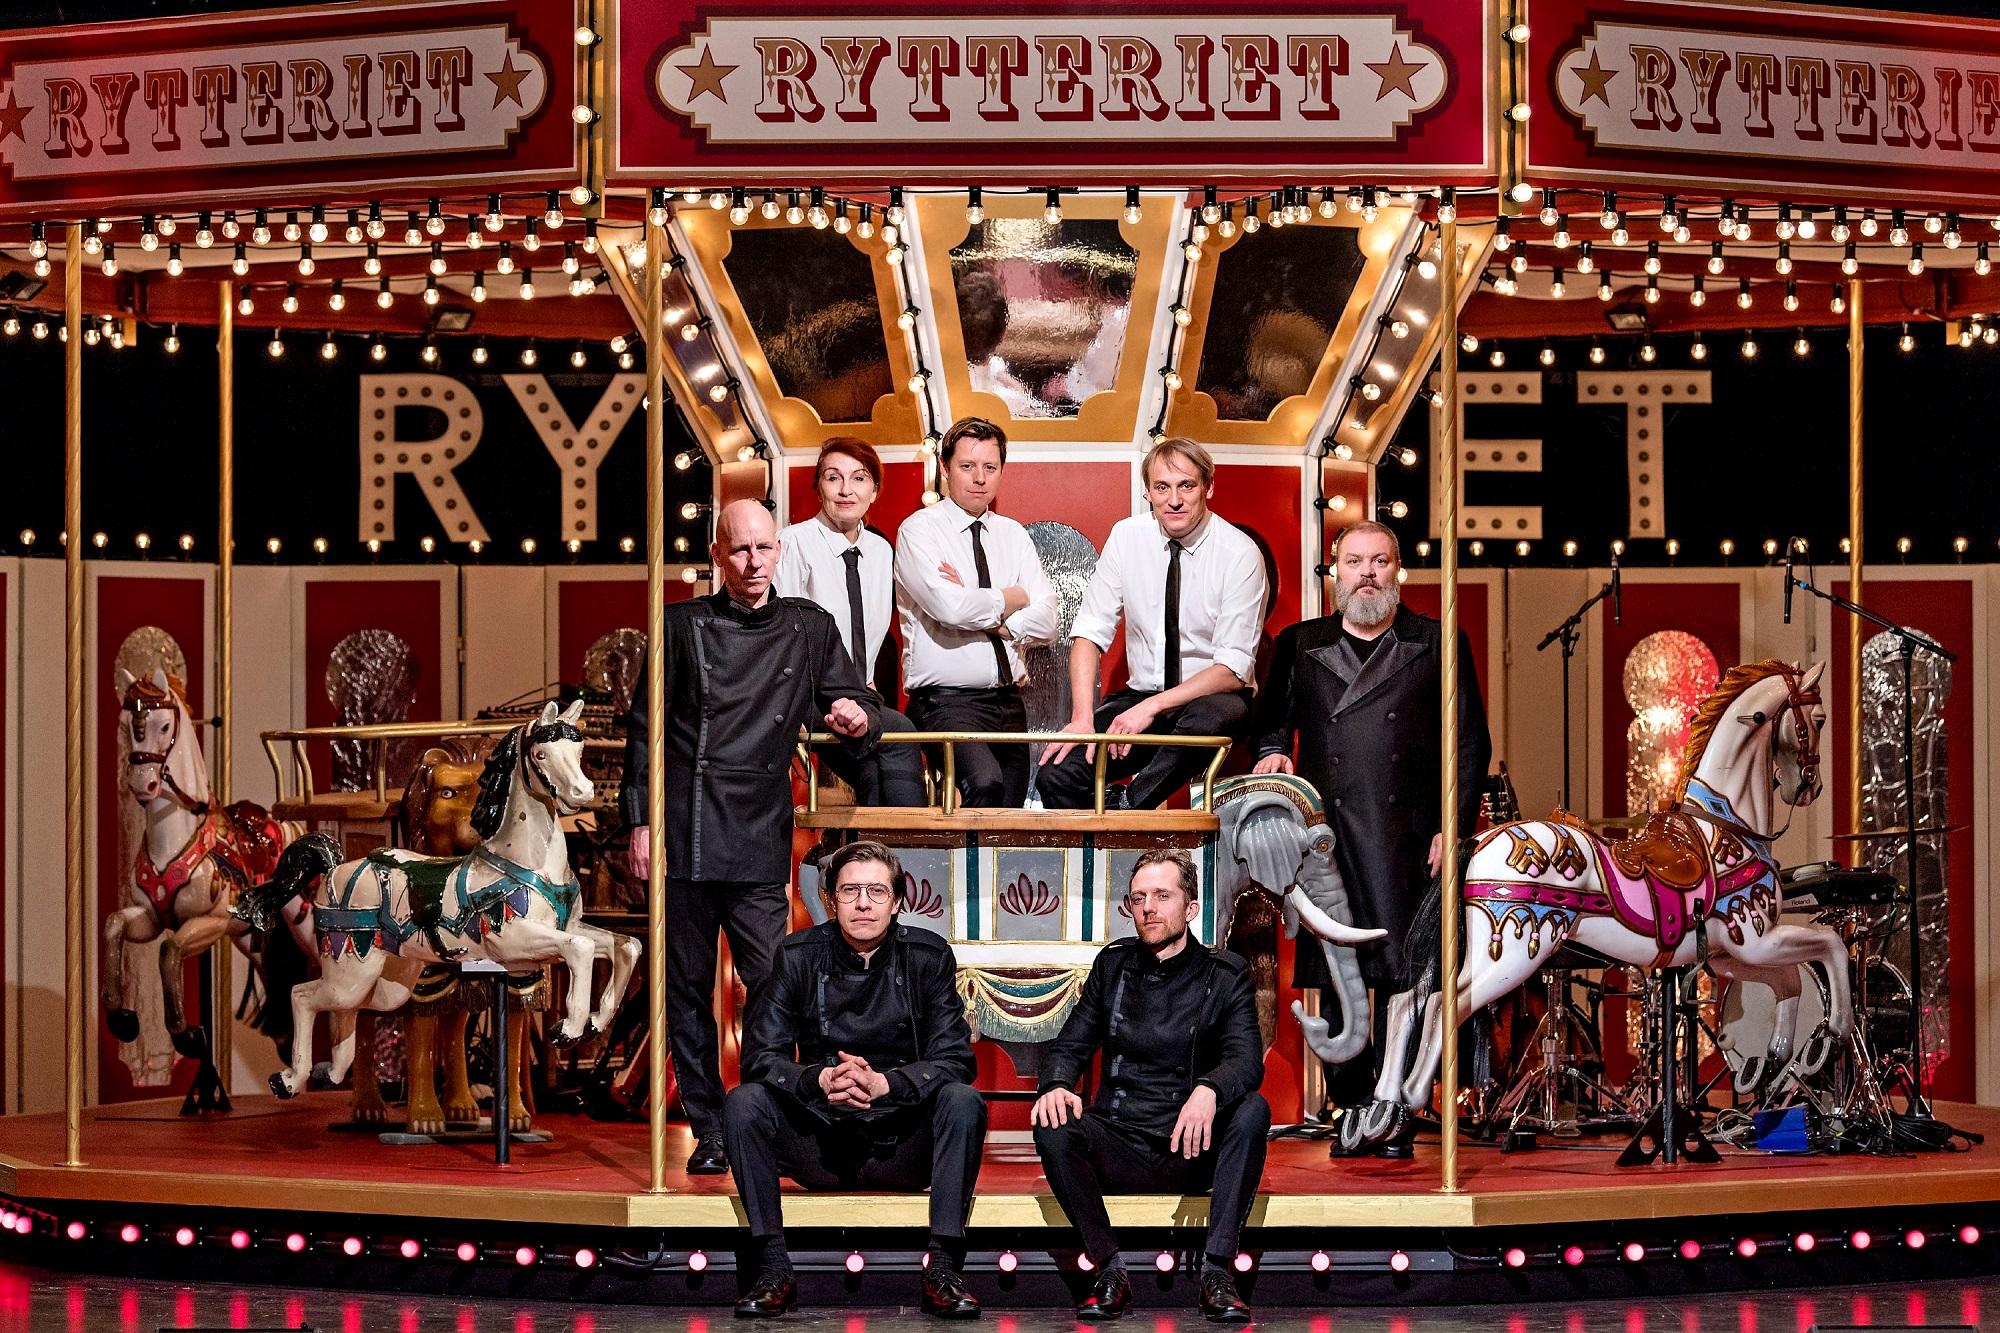 Tivoli-Rytteriet - live i Tivoli-27601